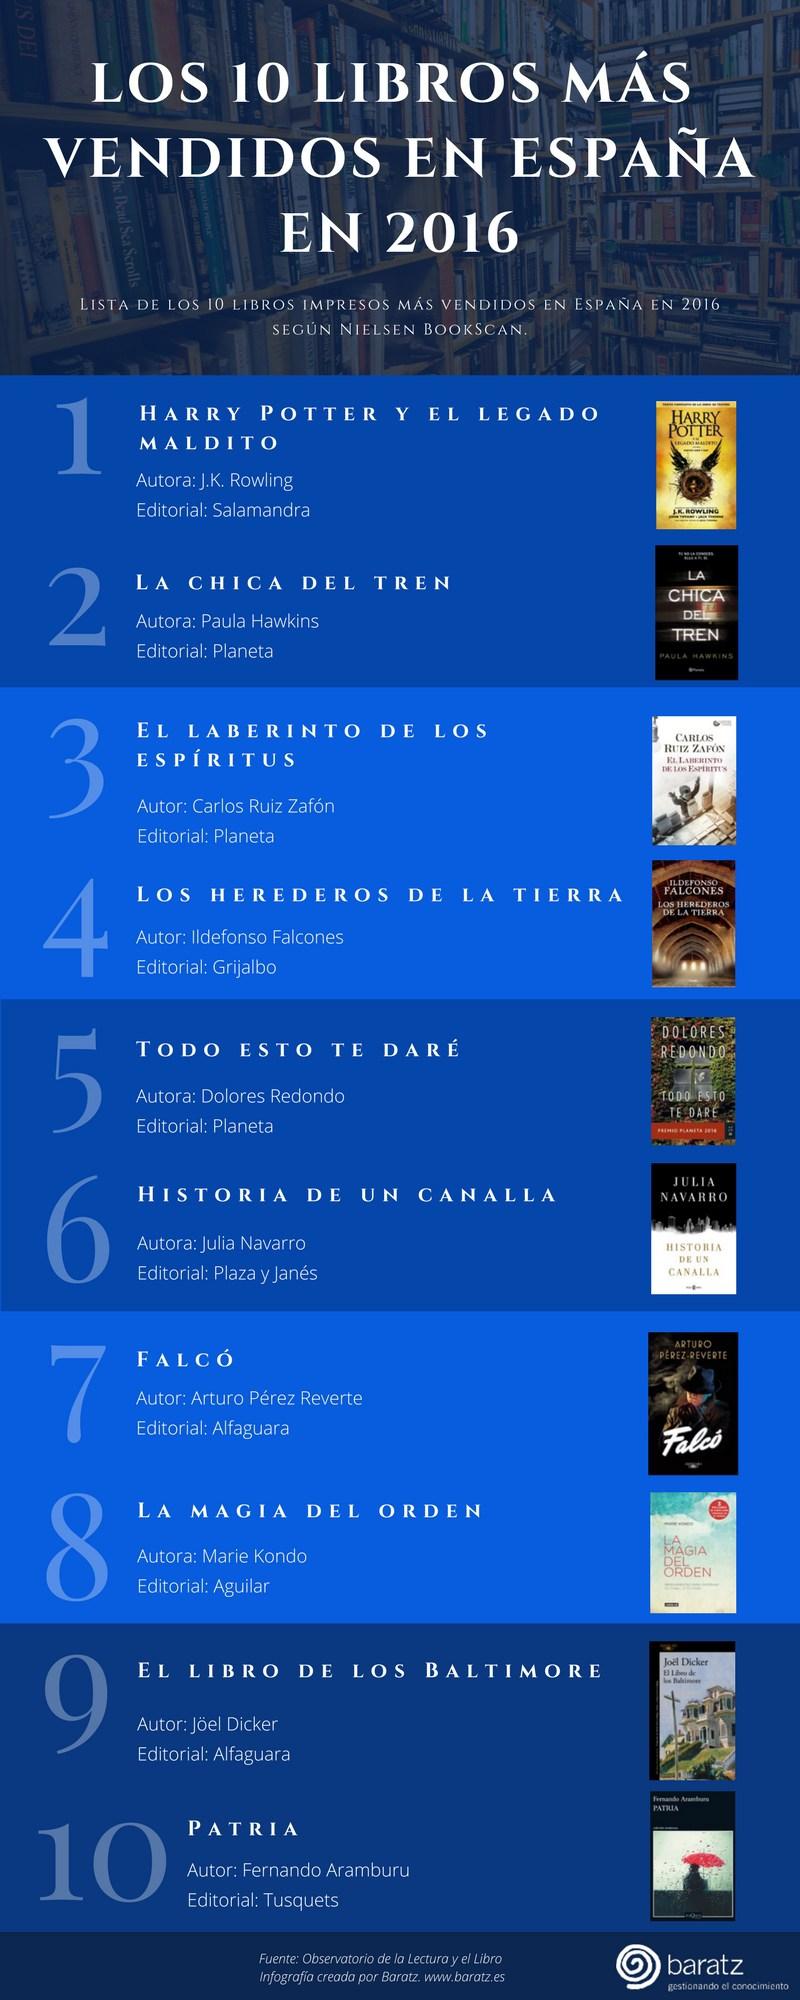 10 libros más vendidos en España en 2016